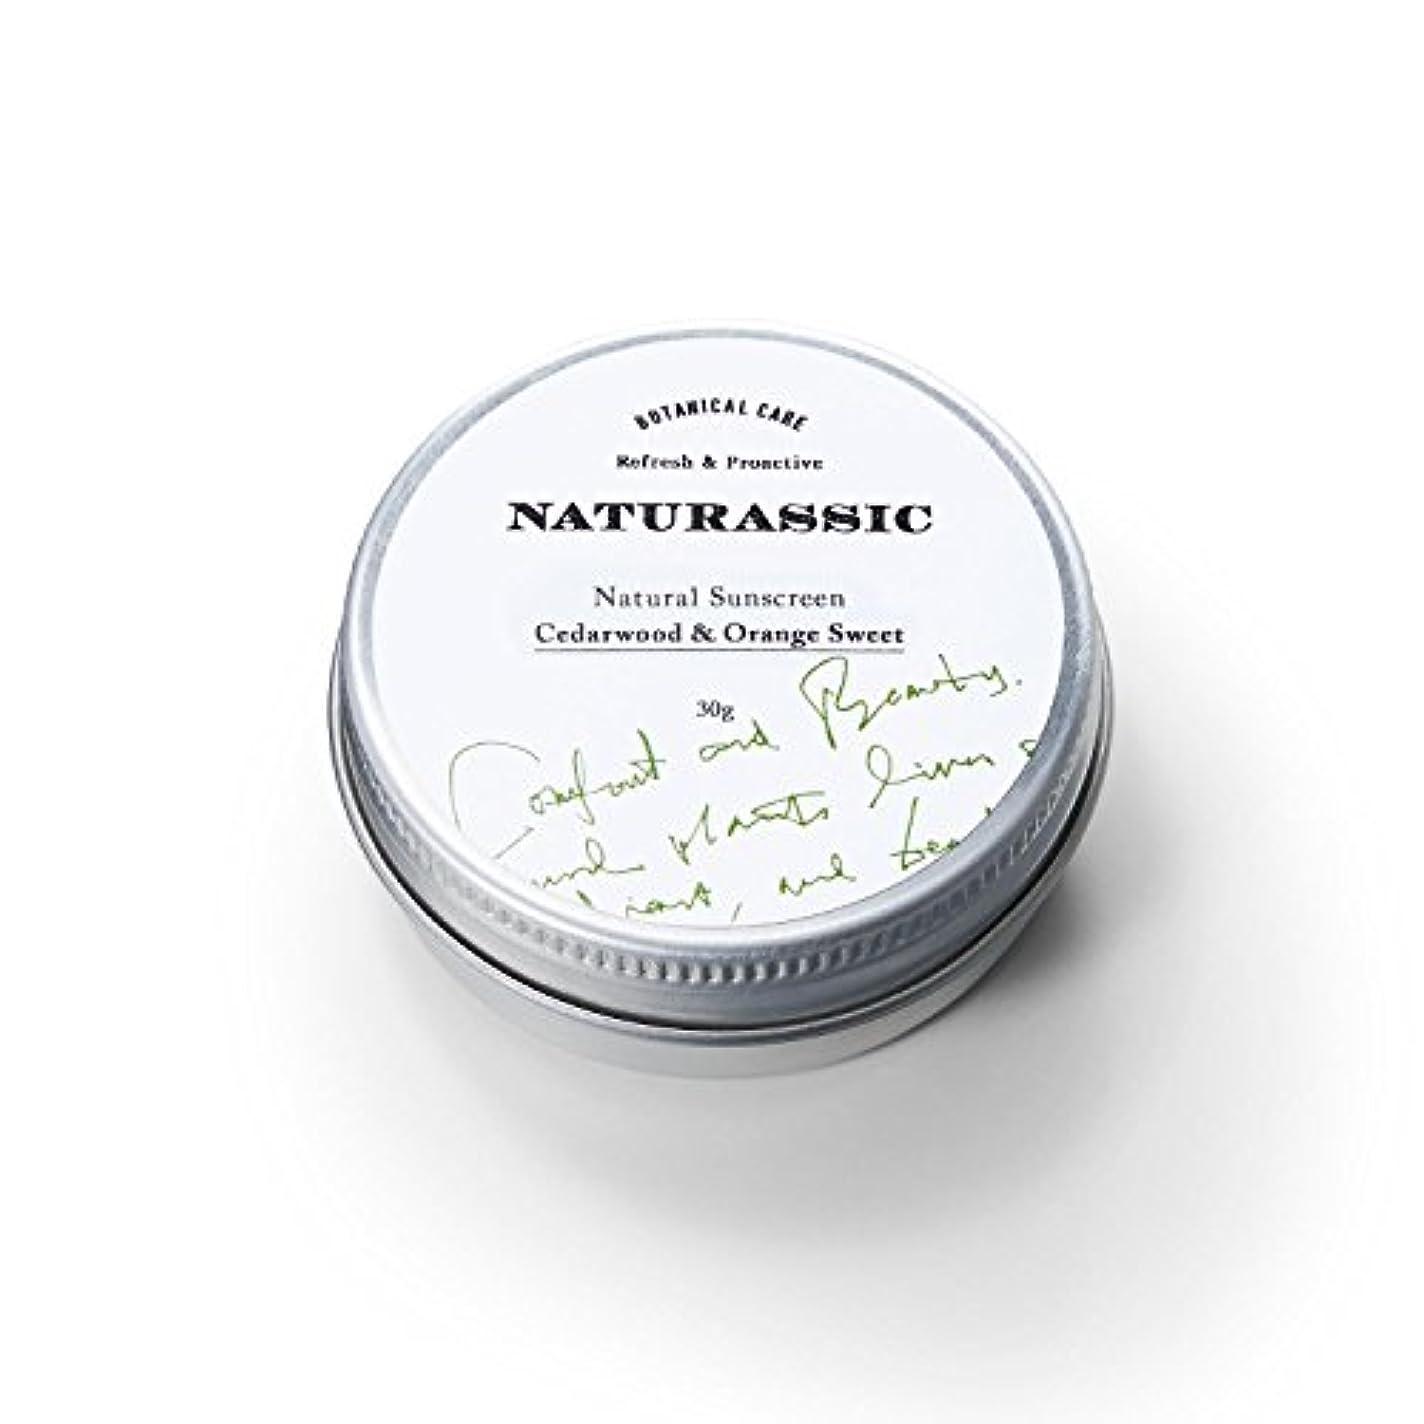 葉食器棚高いナチュラシック ナチュラルサンスクリーンCO シダーウッド&オレンジスイートの香り 30g [天然由来成分100%]